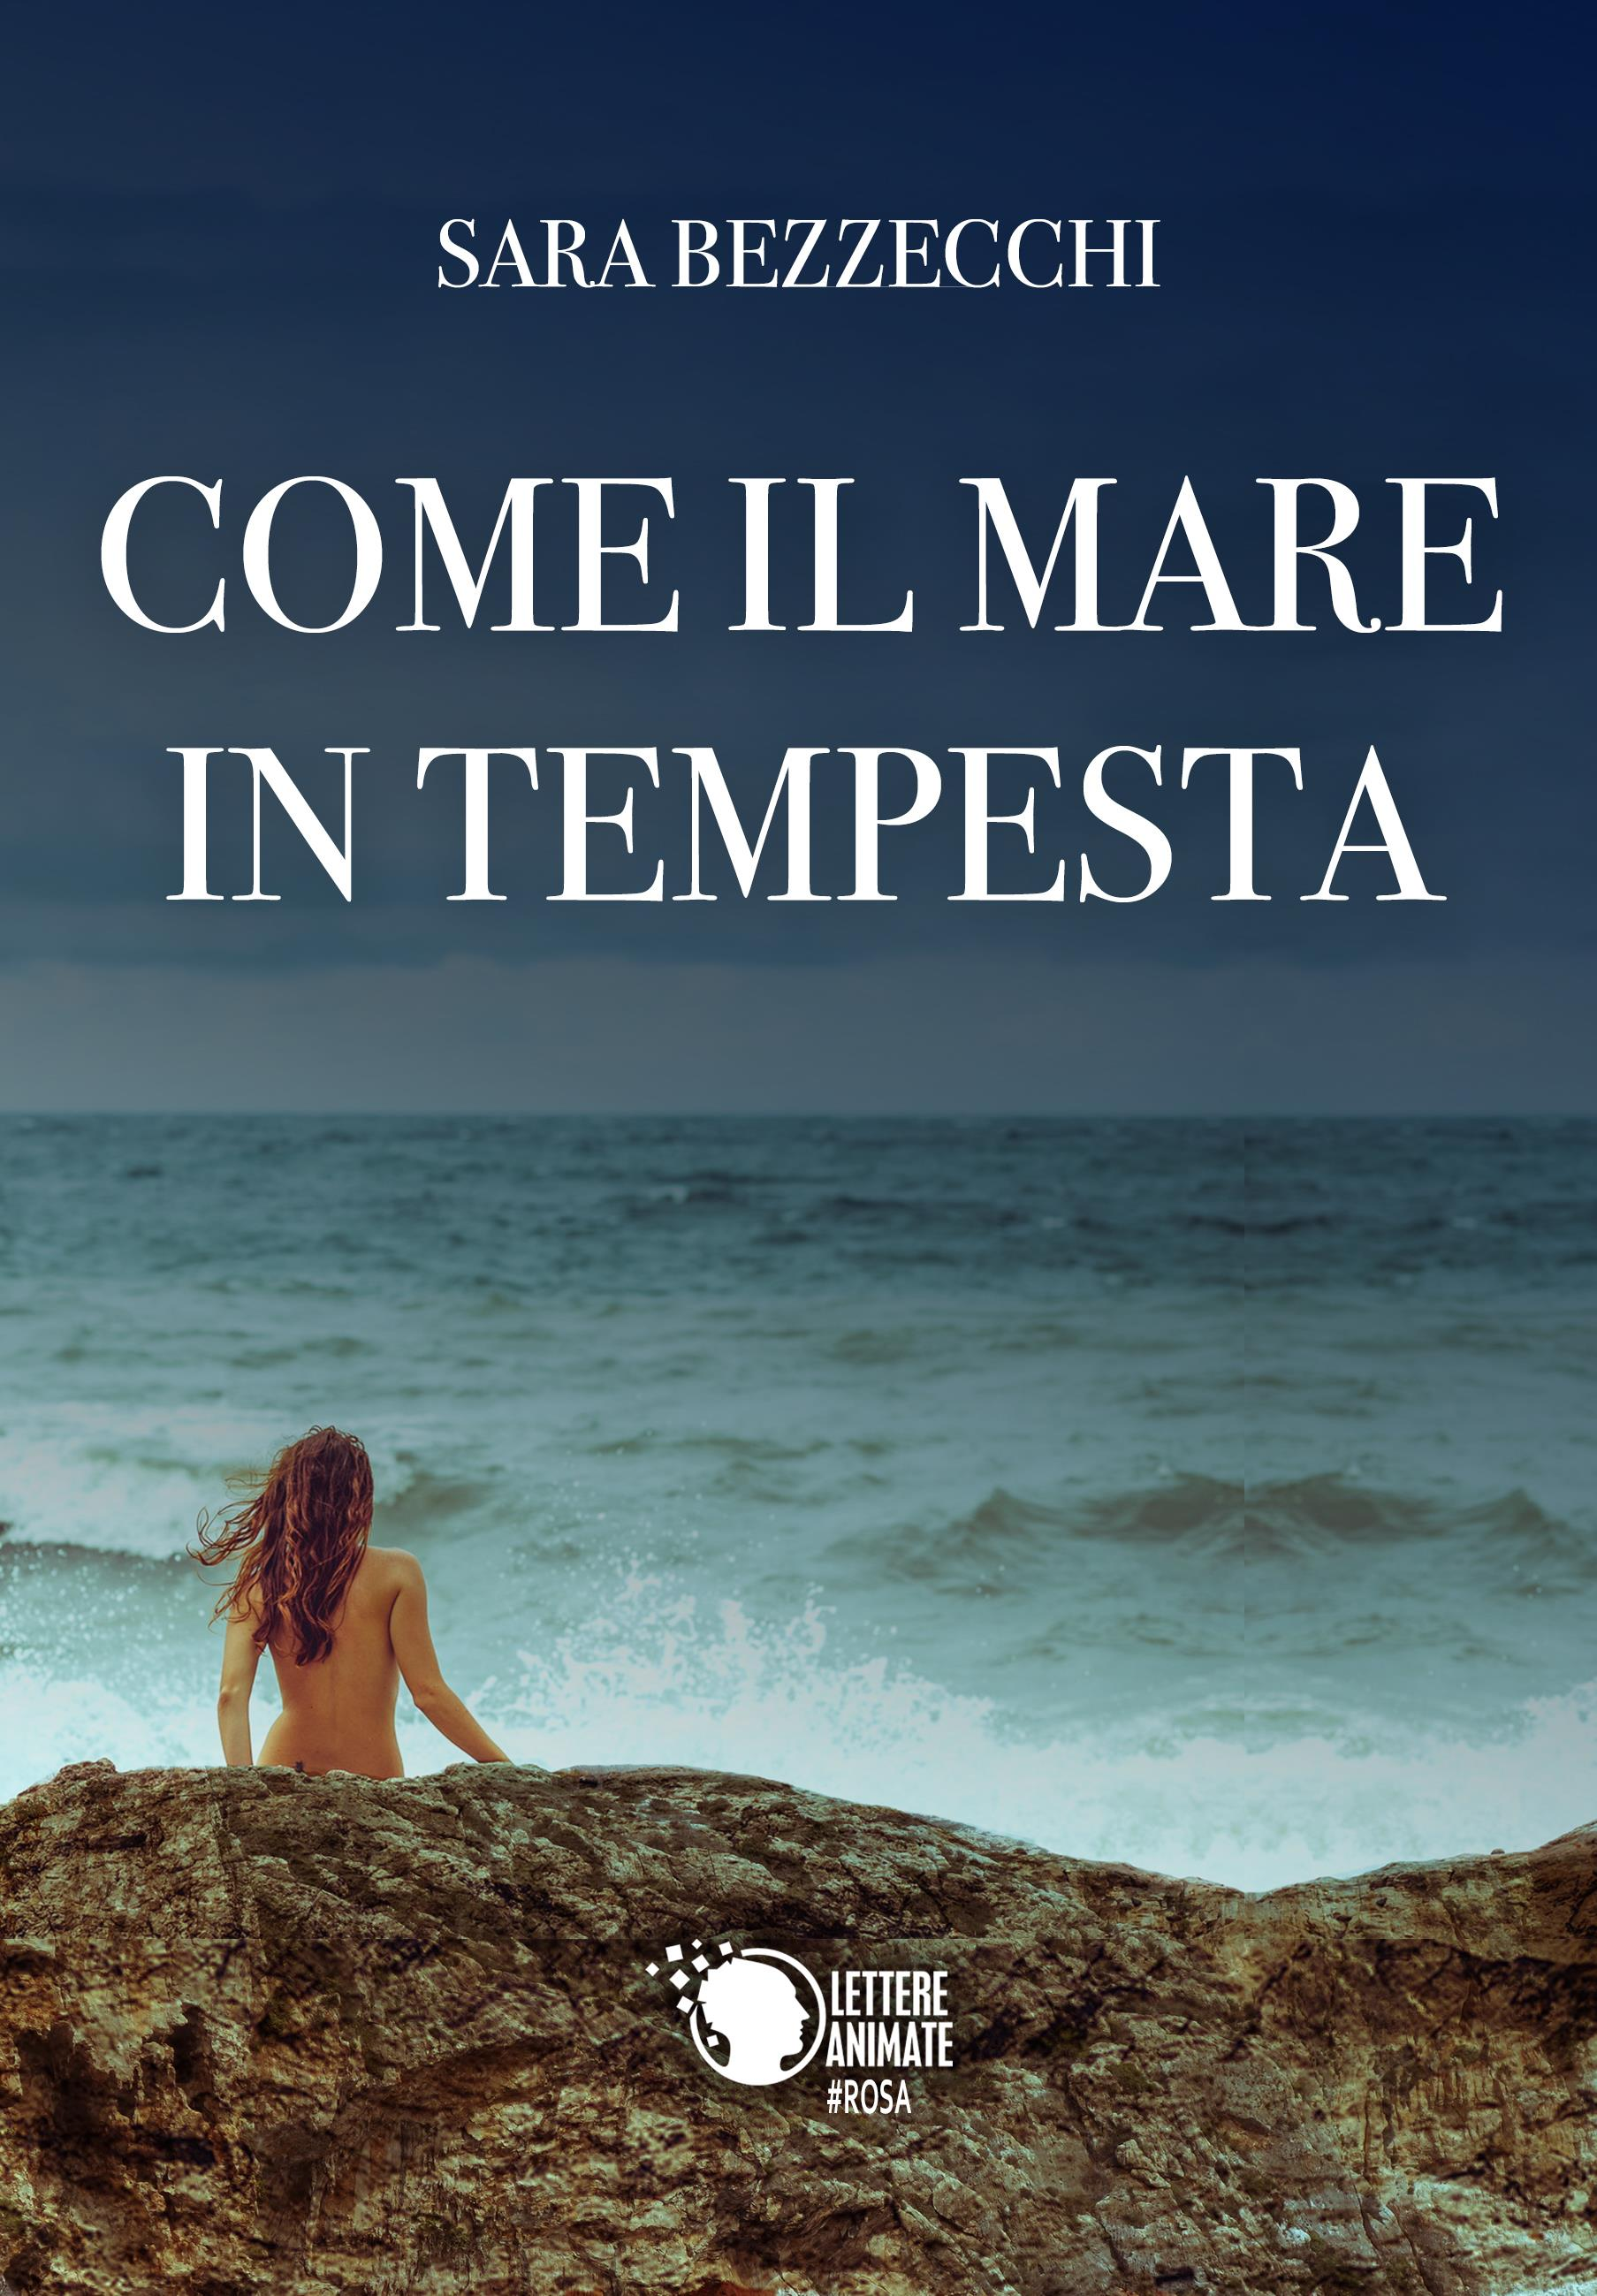 Any Man, uomini semplici in storie fantastiche